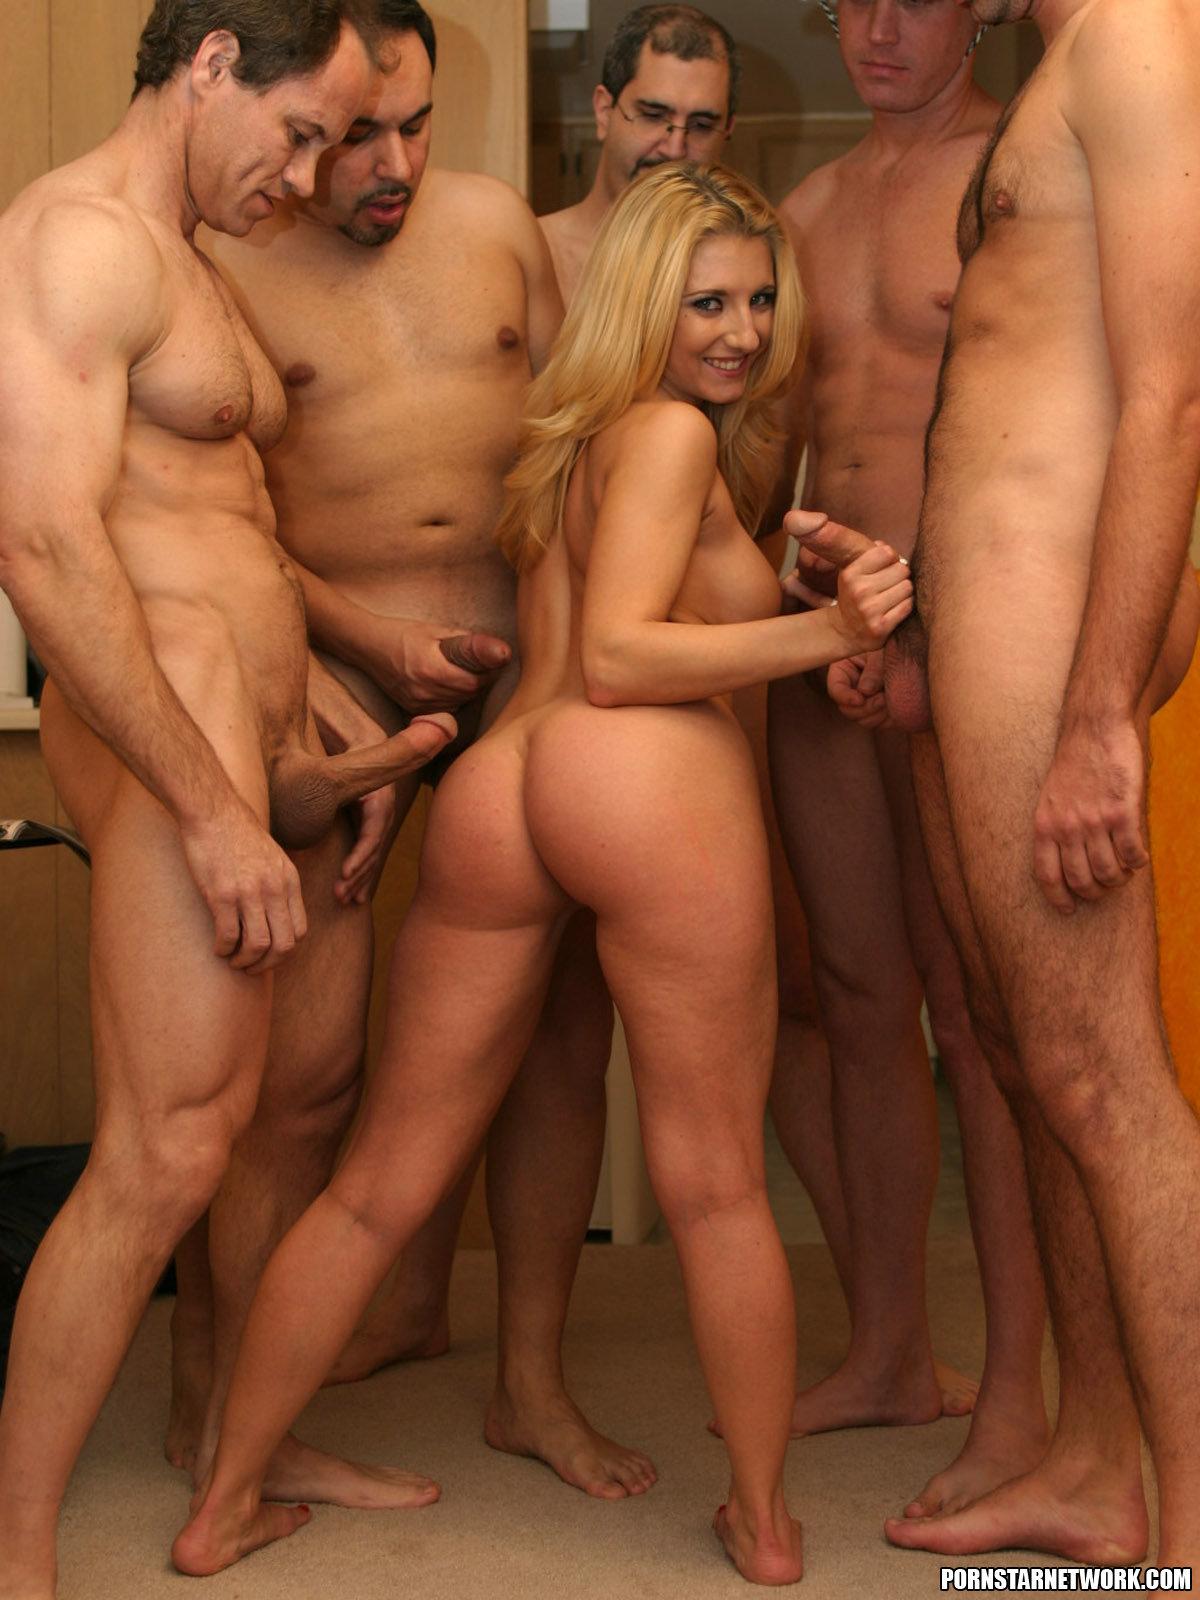 Men Having Sex With Big Women